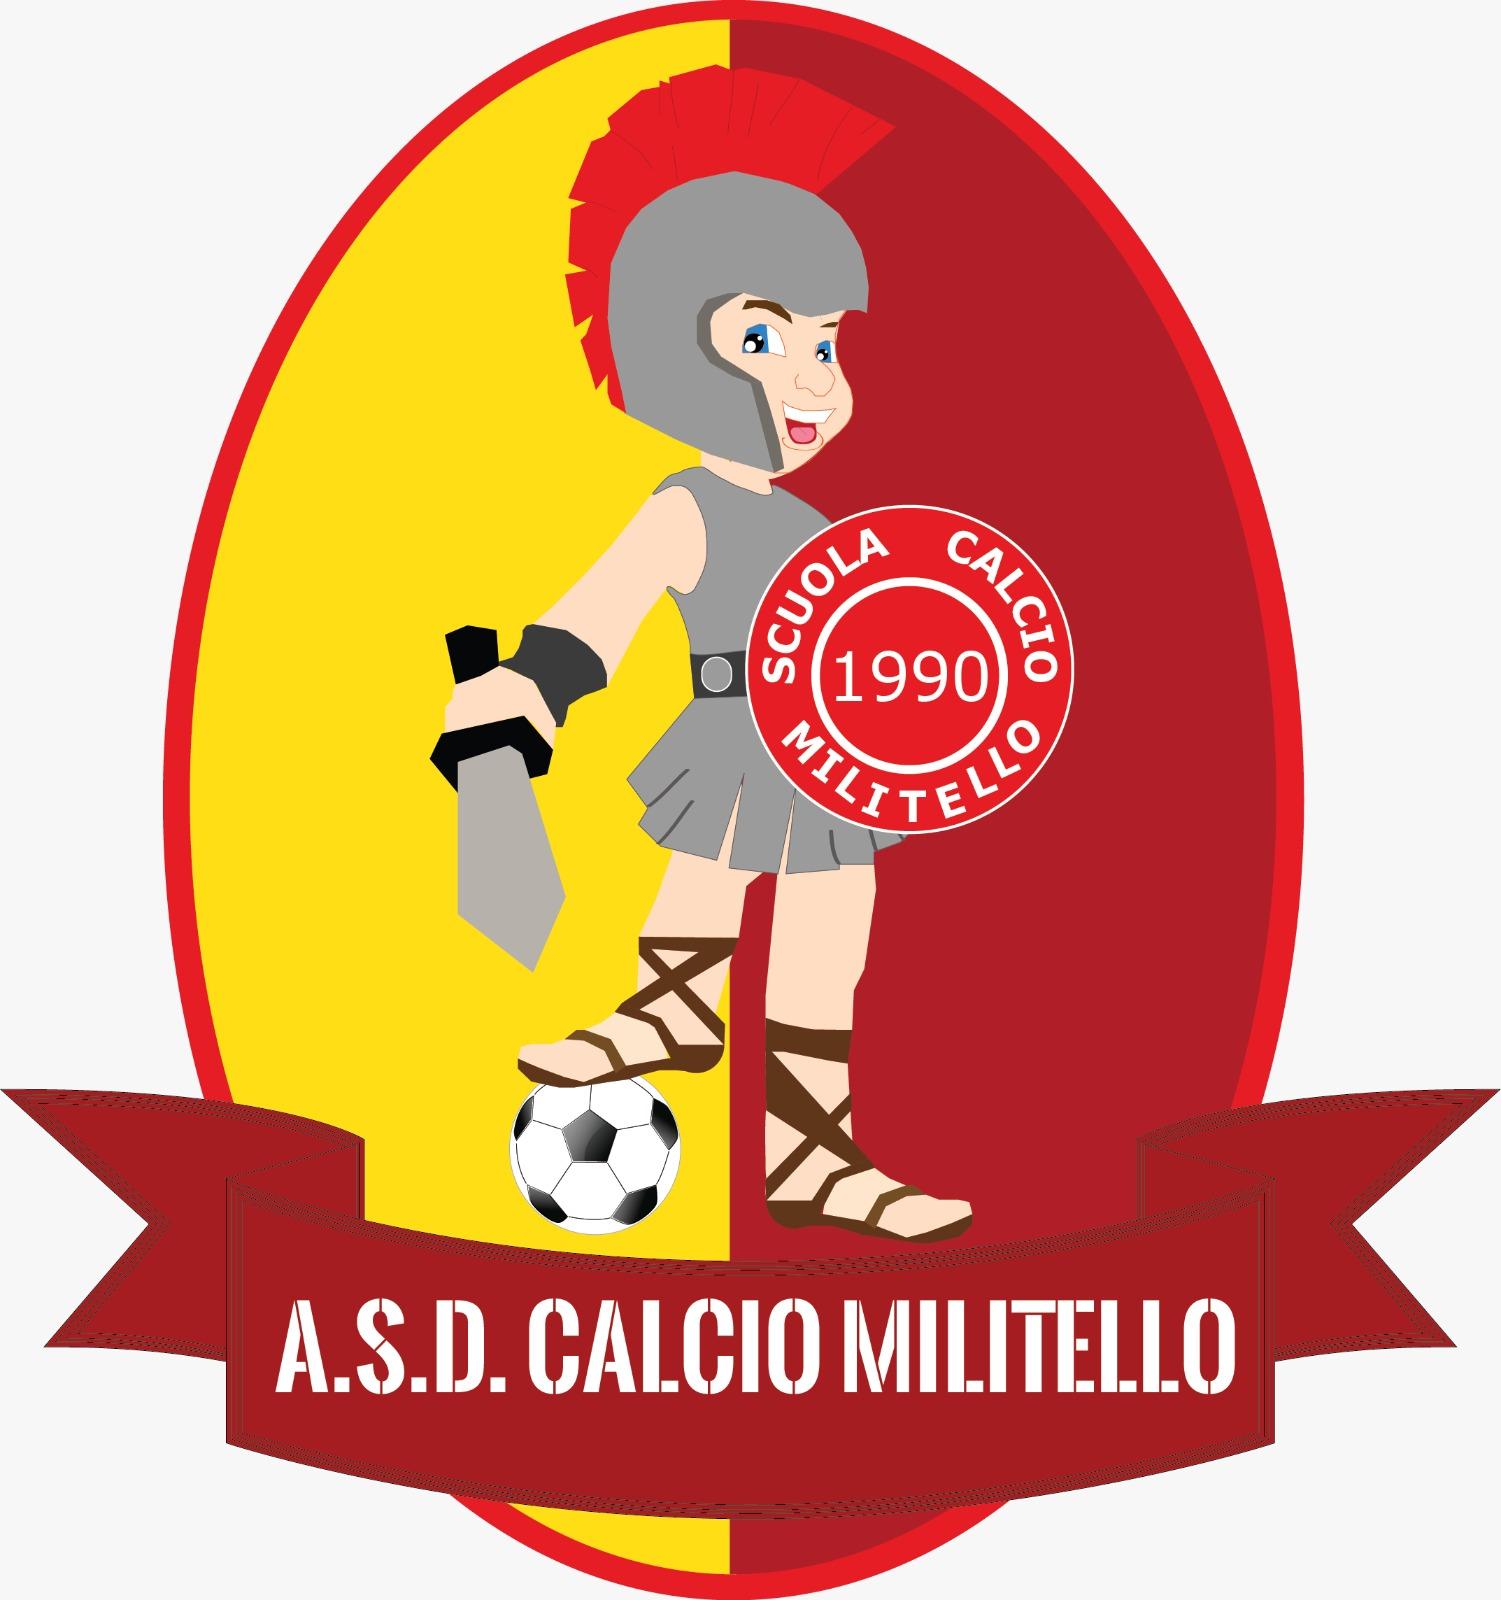 Calcio Catania Calendario.Calcio Militello Calendario Squadra Sicilia